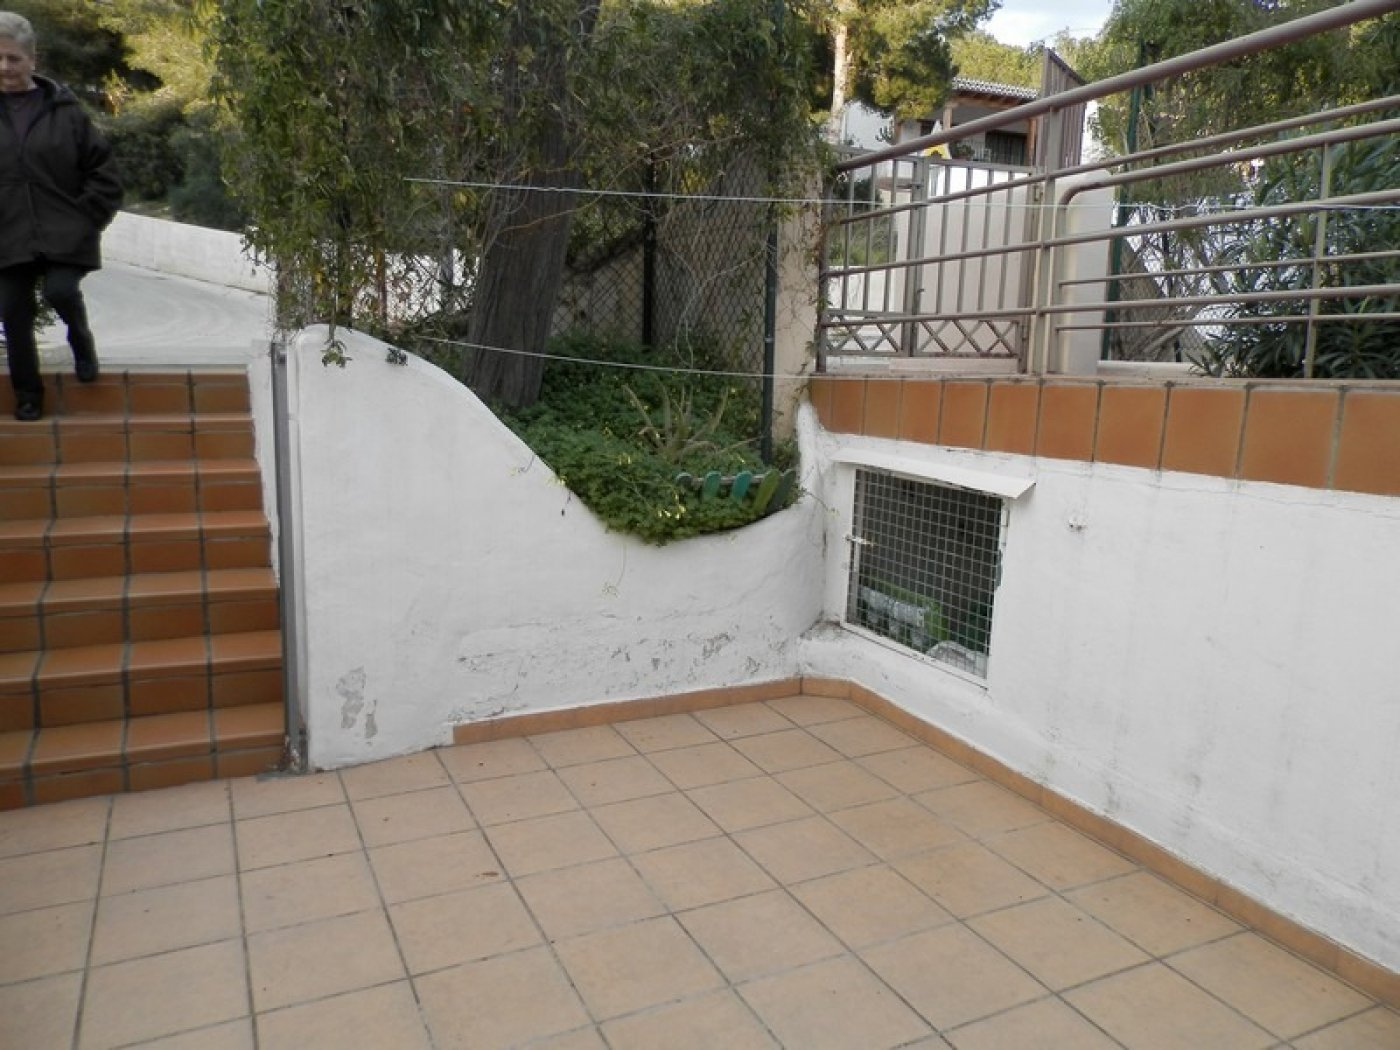 Estate Agents Moraira – Property for sale in Moraira – Apartment – Cometa – Moraira